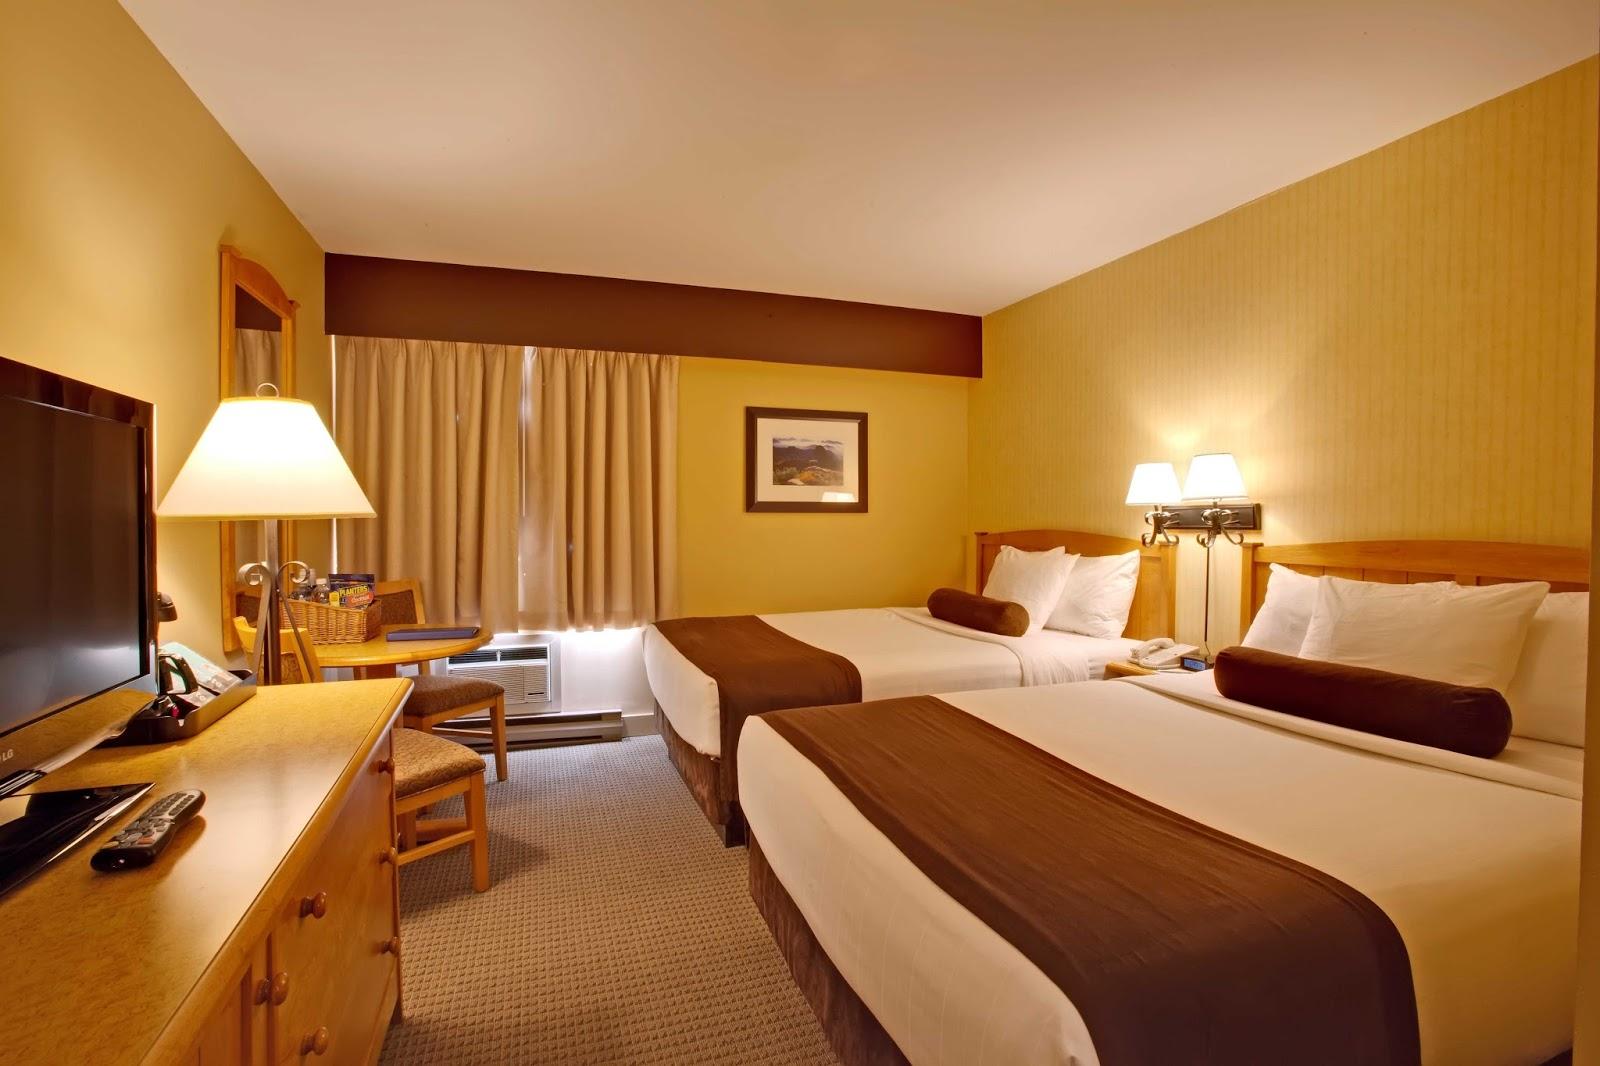 Đi Nha Trang nên ở khách sạn - resort nào?